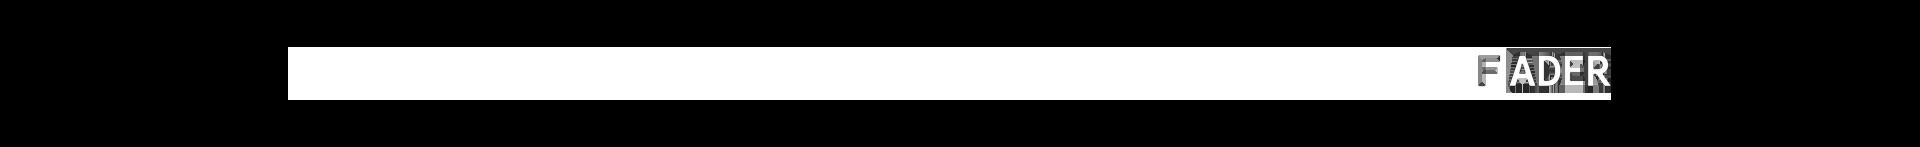 logos_v1.png